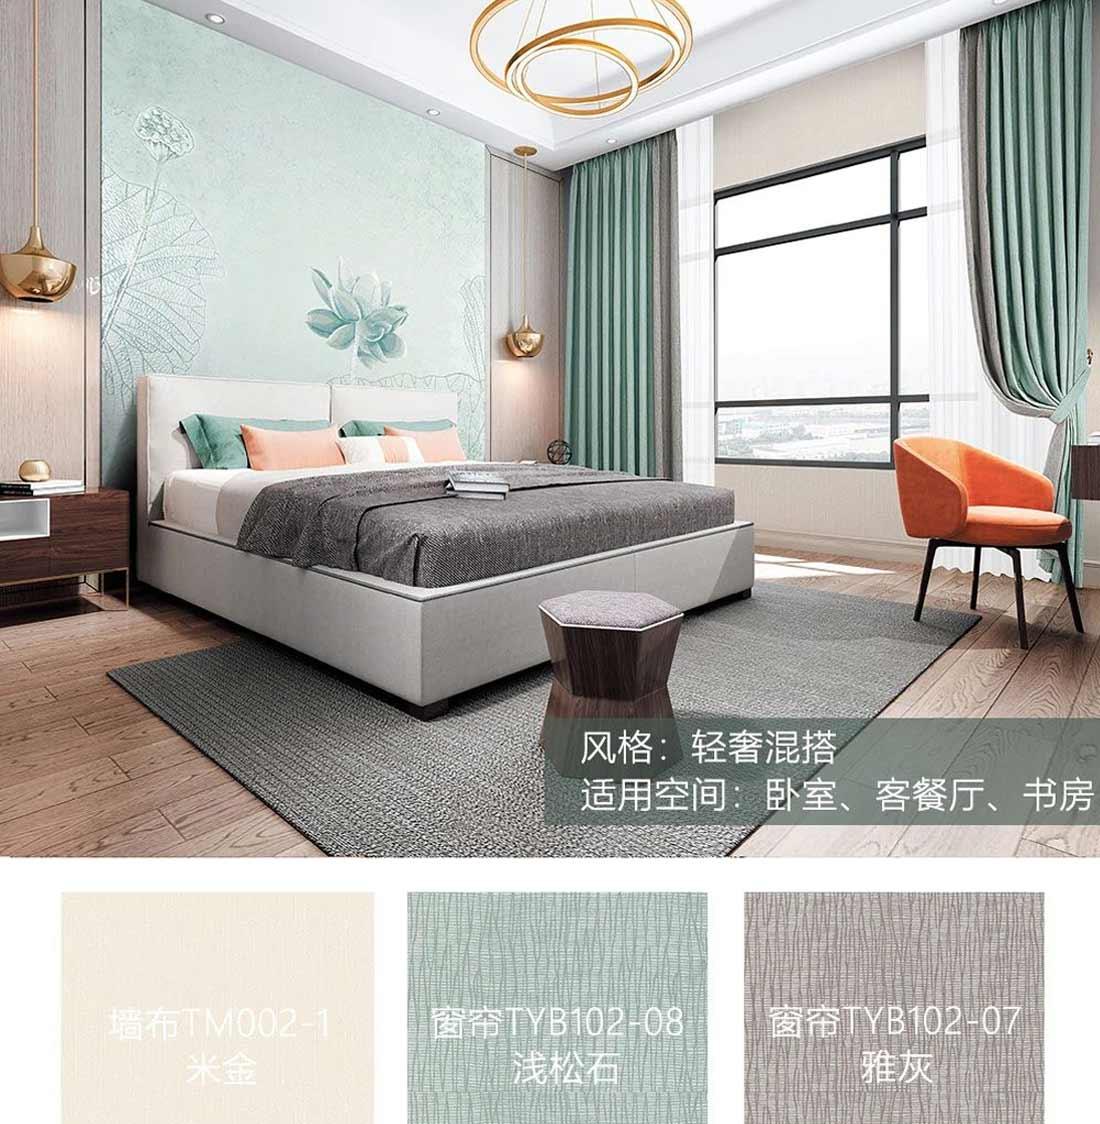 JCC天洋墙布壁画窗帘软装搭配轻奢风格